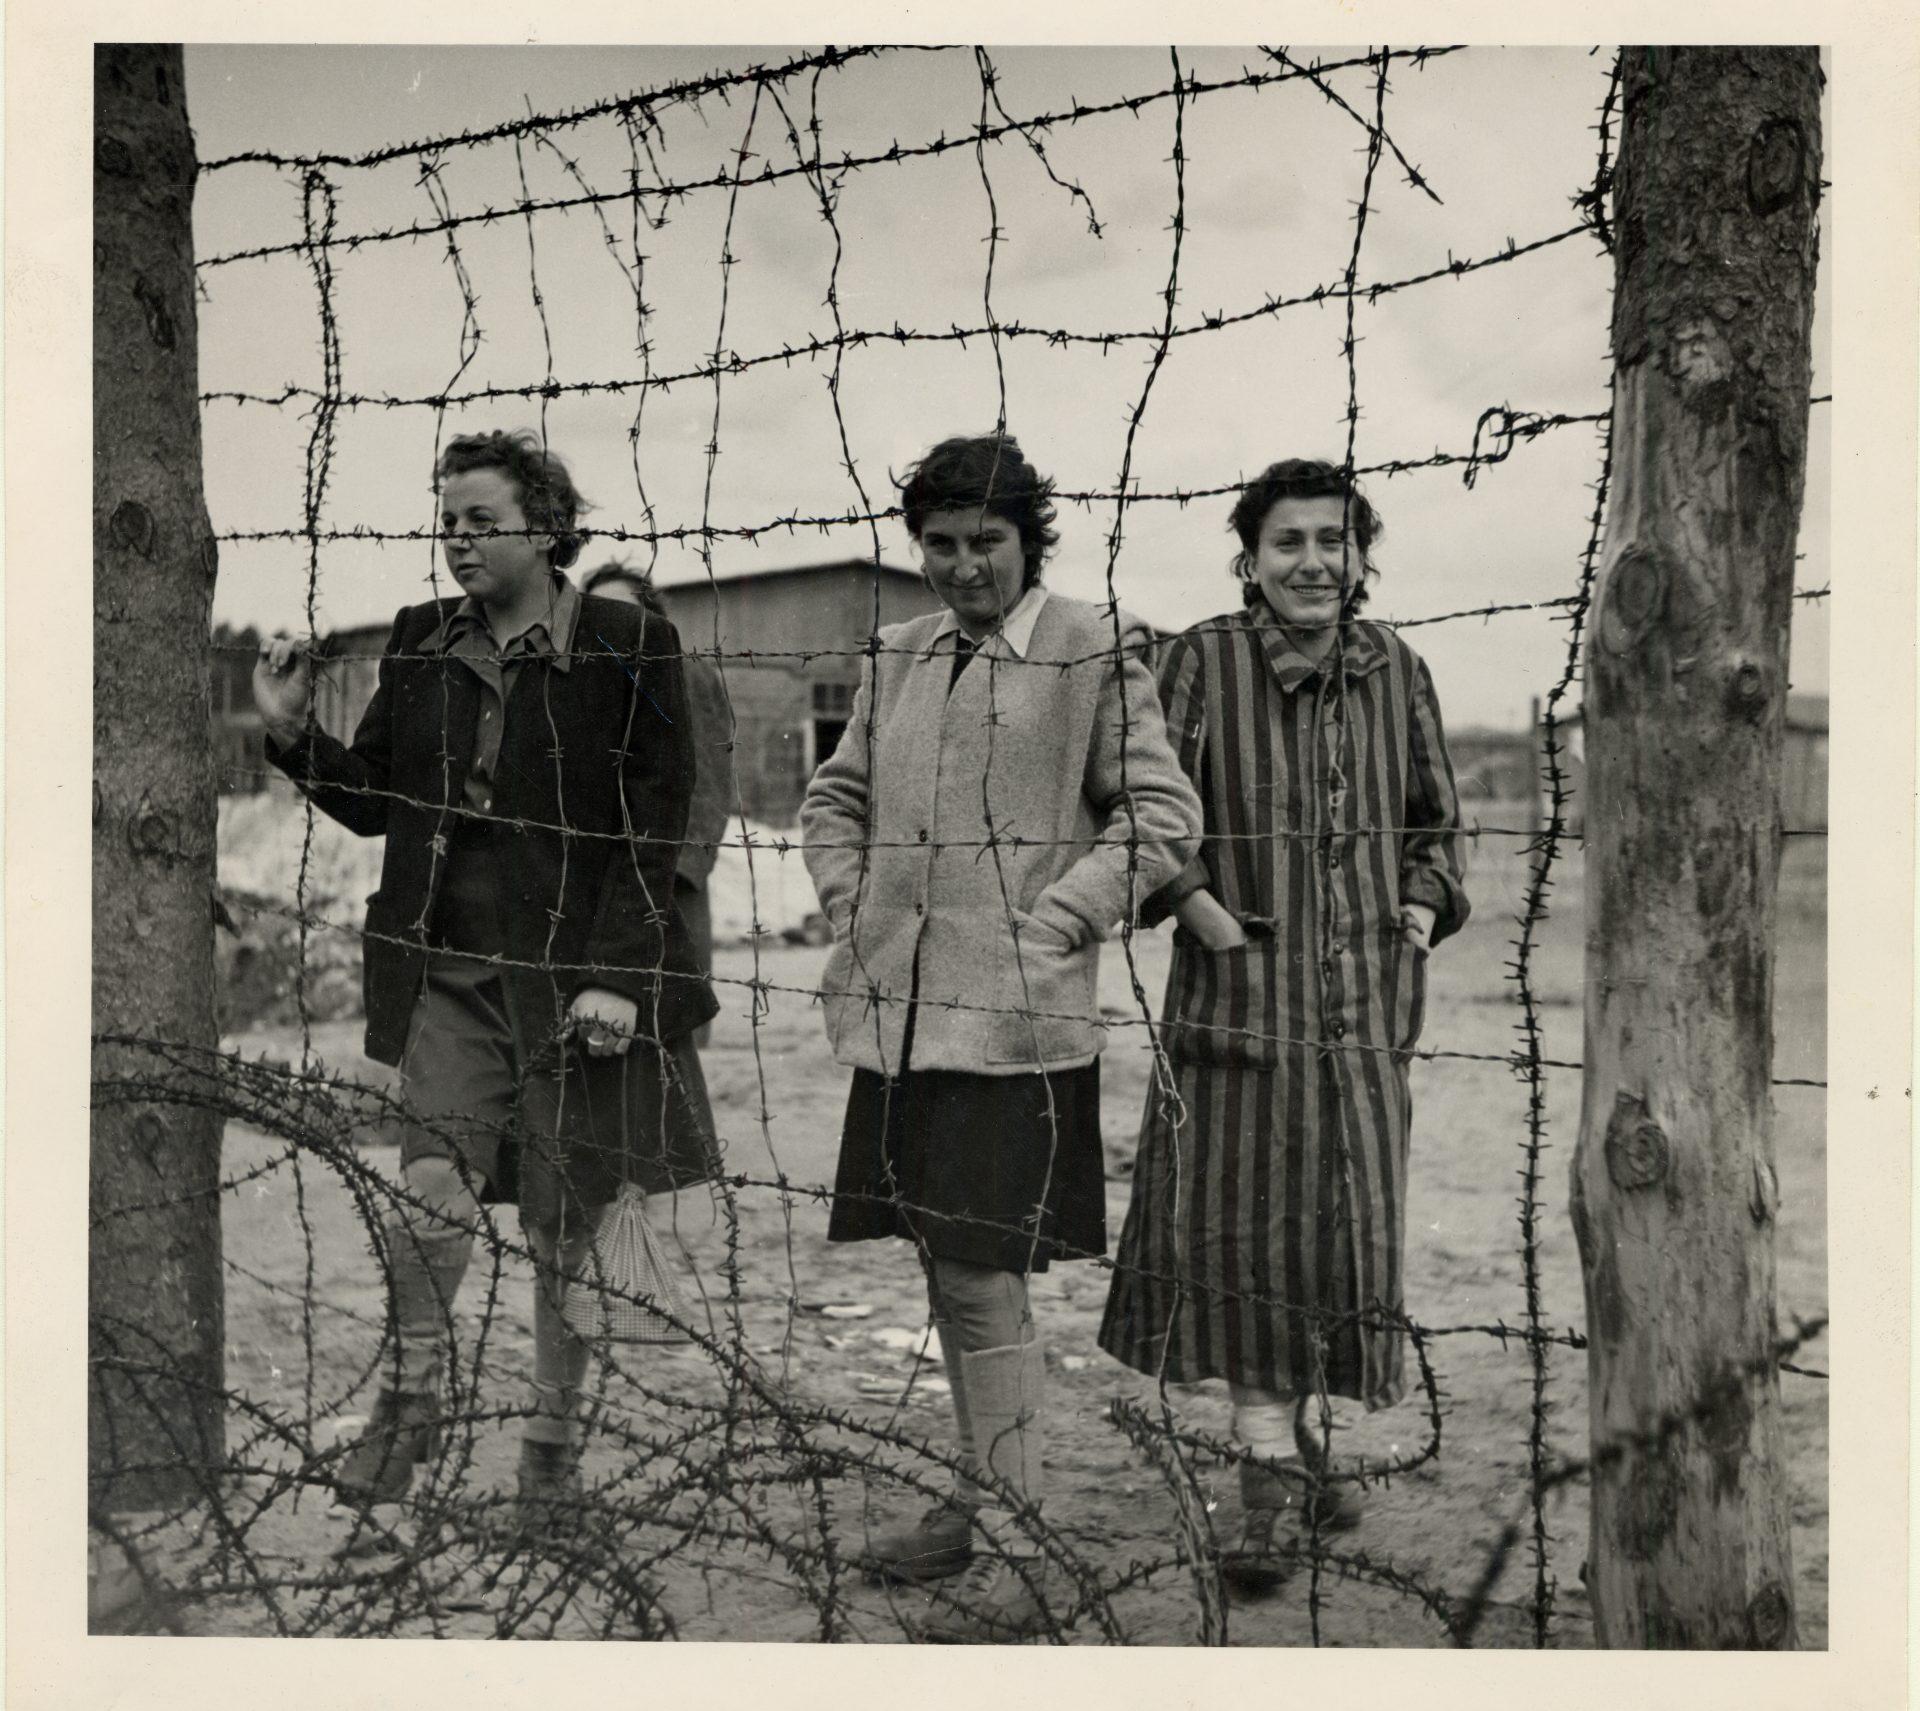 Trois femmes derrière les barbelés au camp de Bergen-Belsen, 1945.